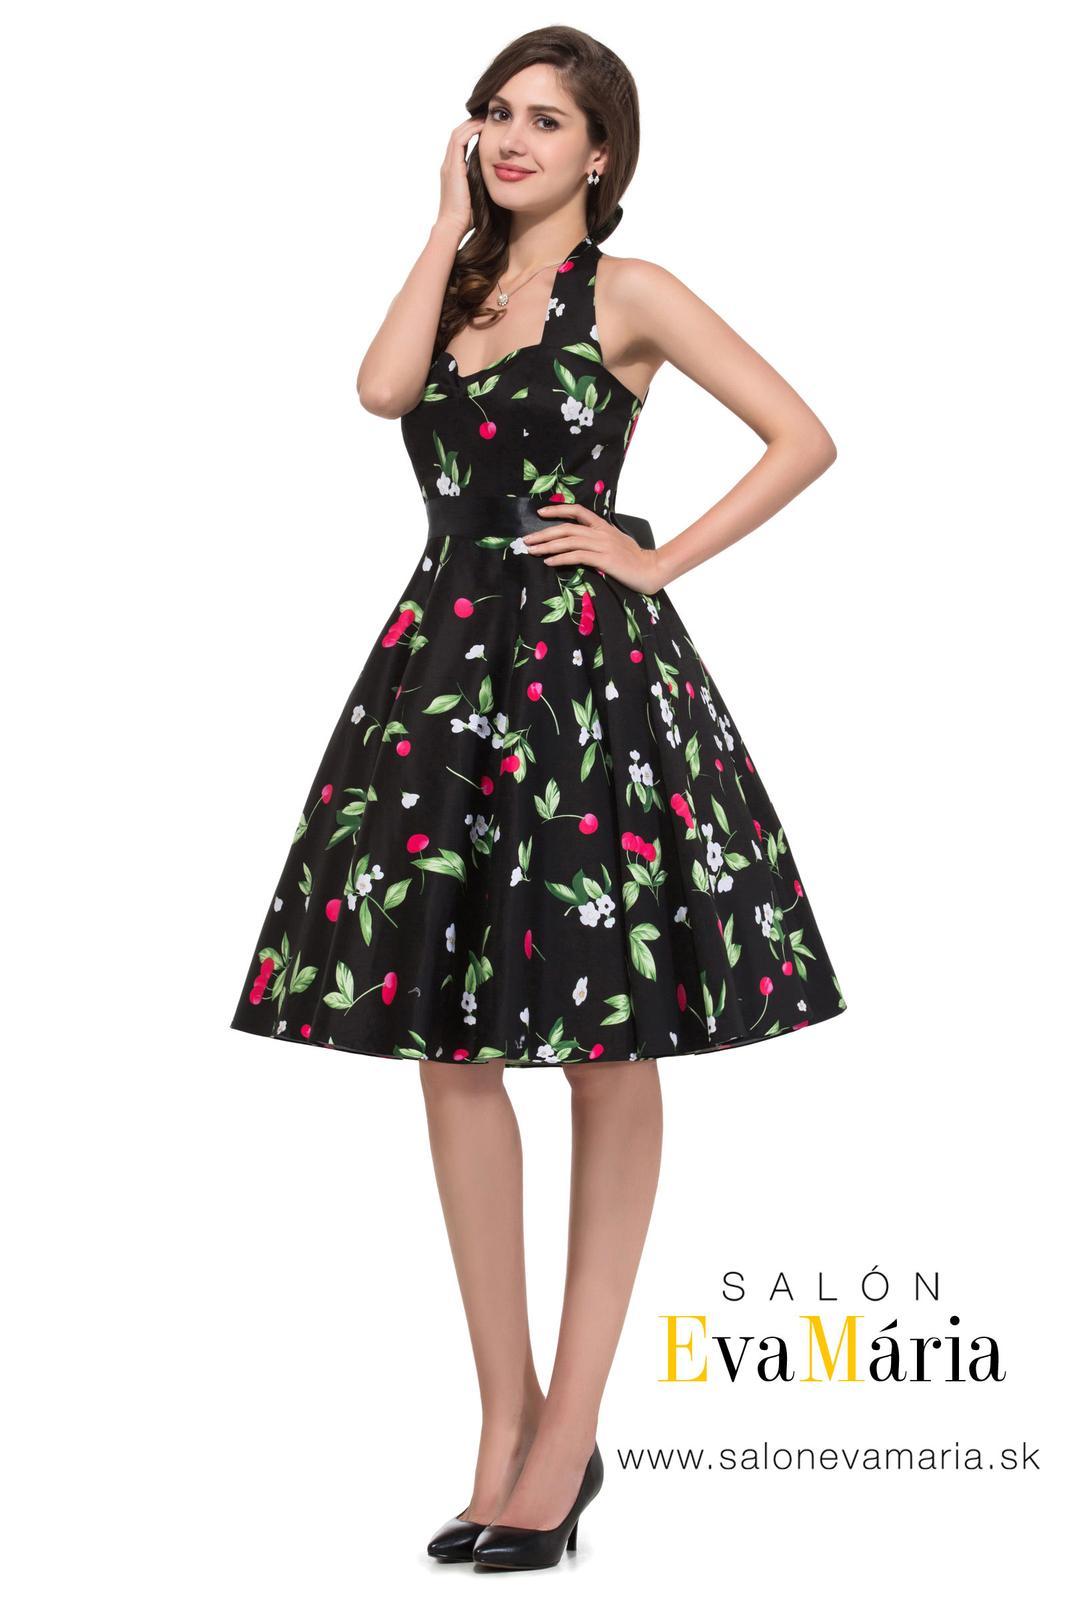 Retro šaty - Čierne retro šaty s čerešňami - 50. roky SKLADOM: http://salonevamaria.sk/index.php?id_category=27&controller=category NA OBJEDNÁVKU: http://salonevamaria.sk/index.php?id_category=10&controller=category